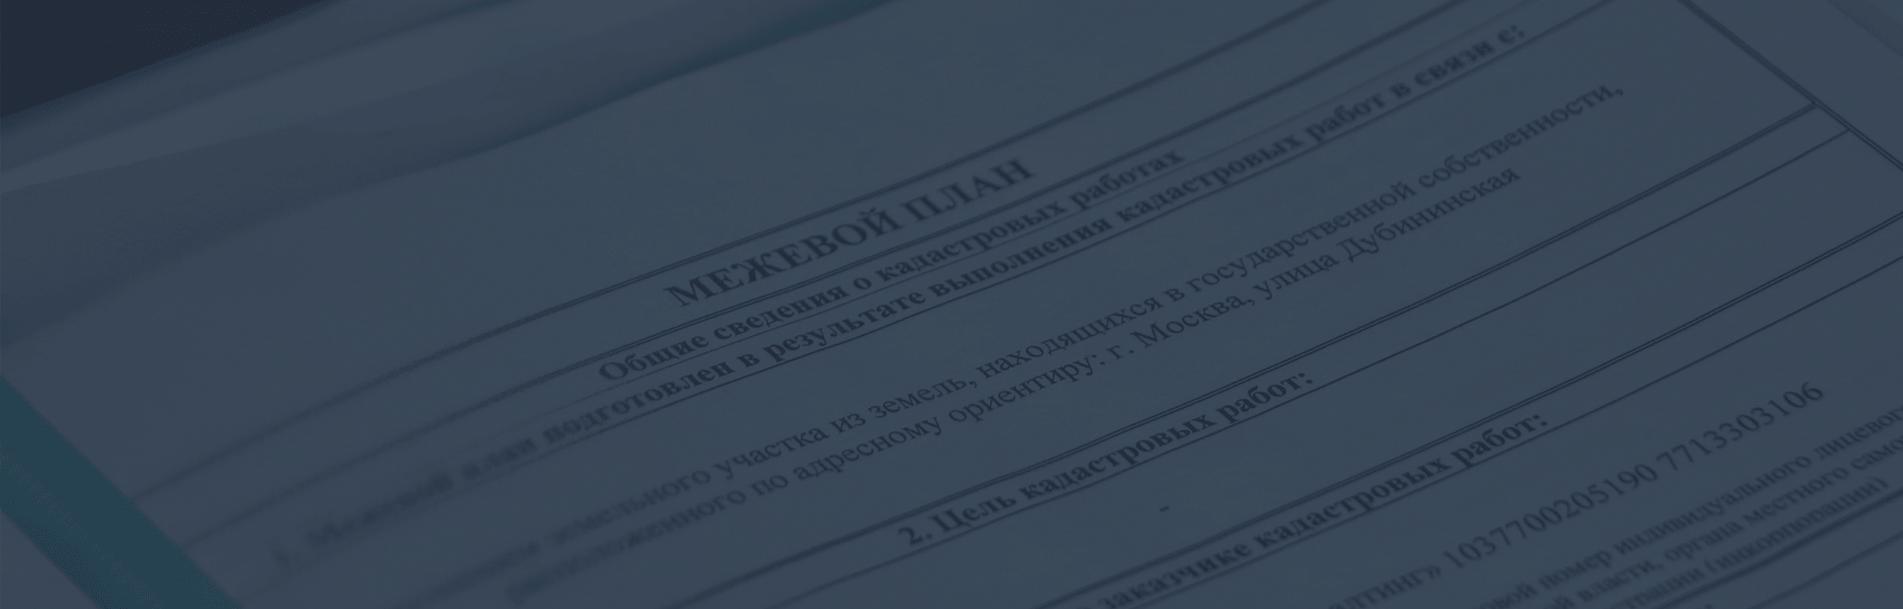 Согласование границ земельного участка при межевании: обязательны ли подписи соседей, порядок и основания проведения процедуры, а также инструкция по получению согласия? юрэксперт онлайн